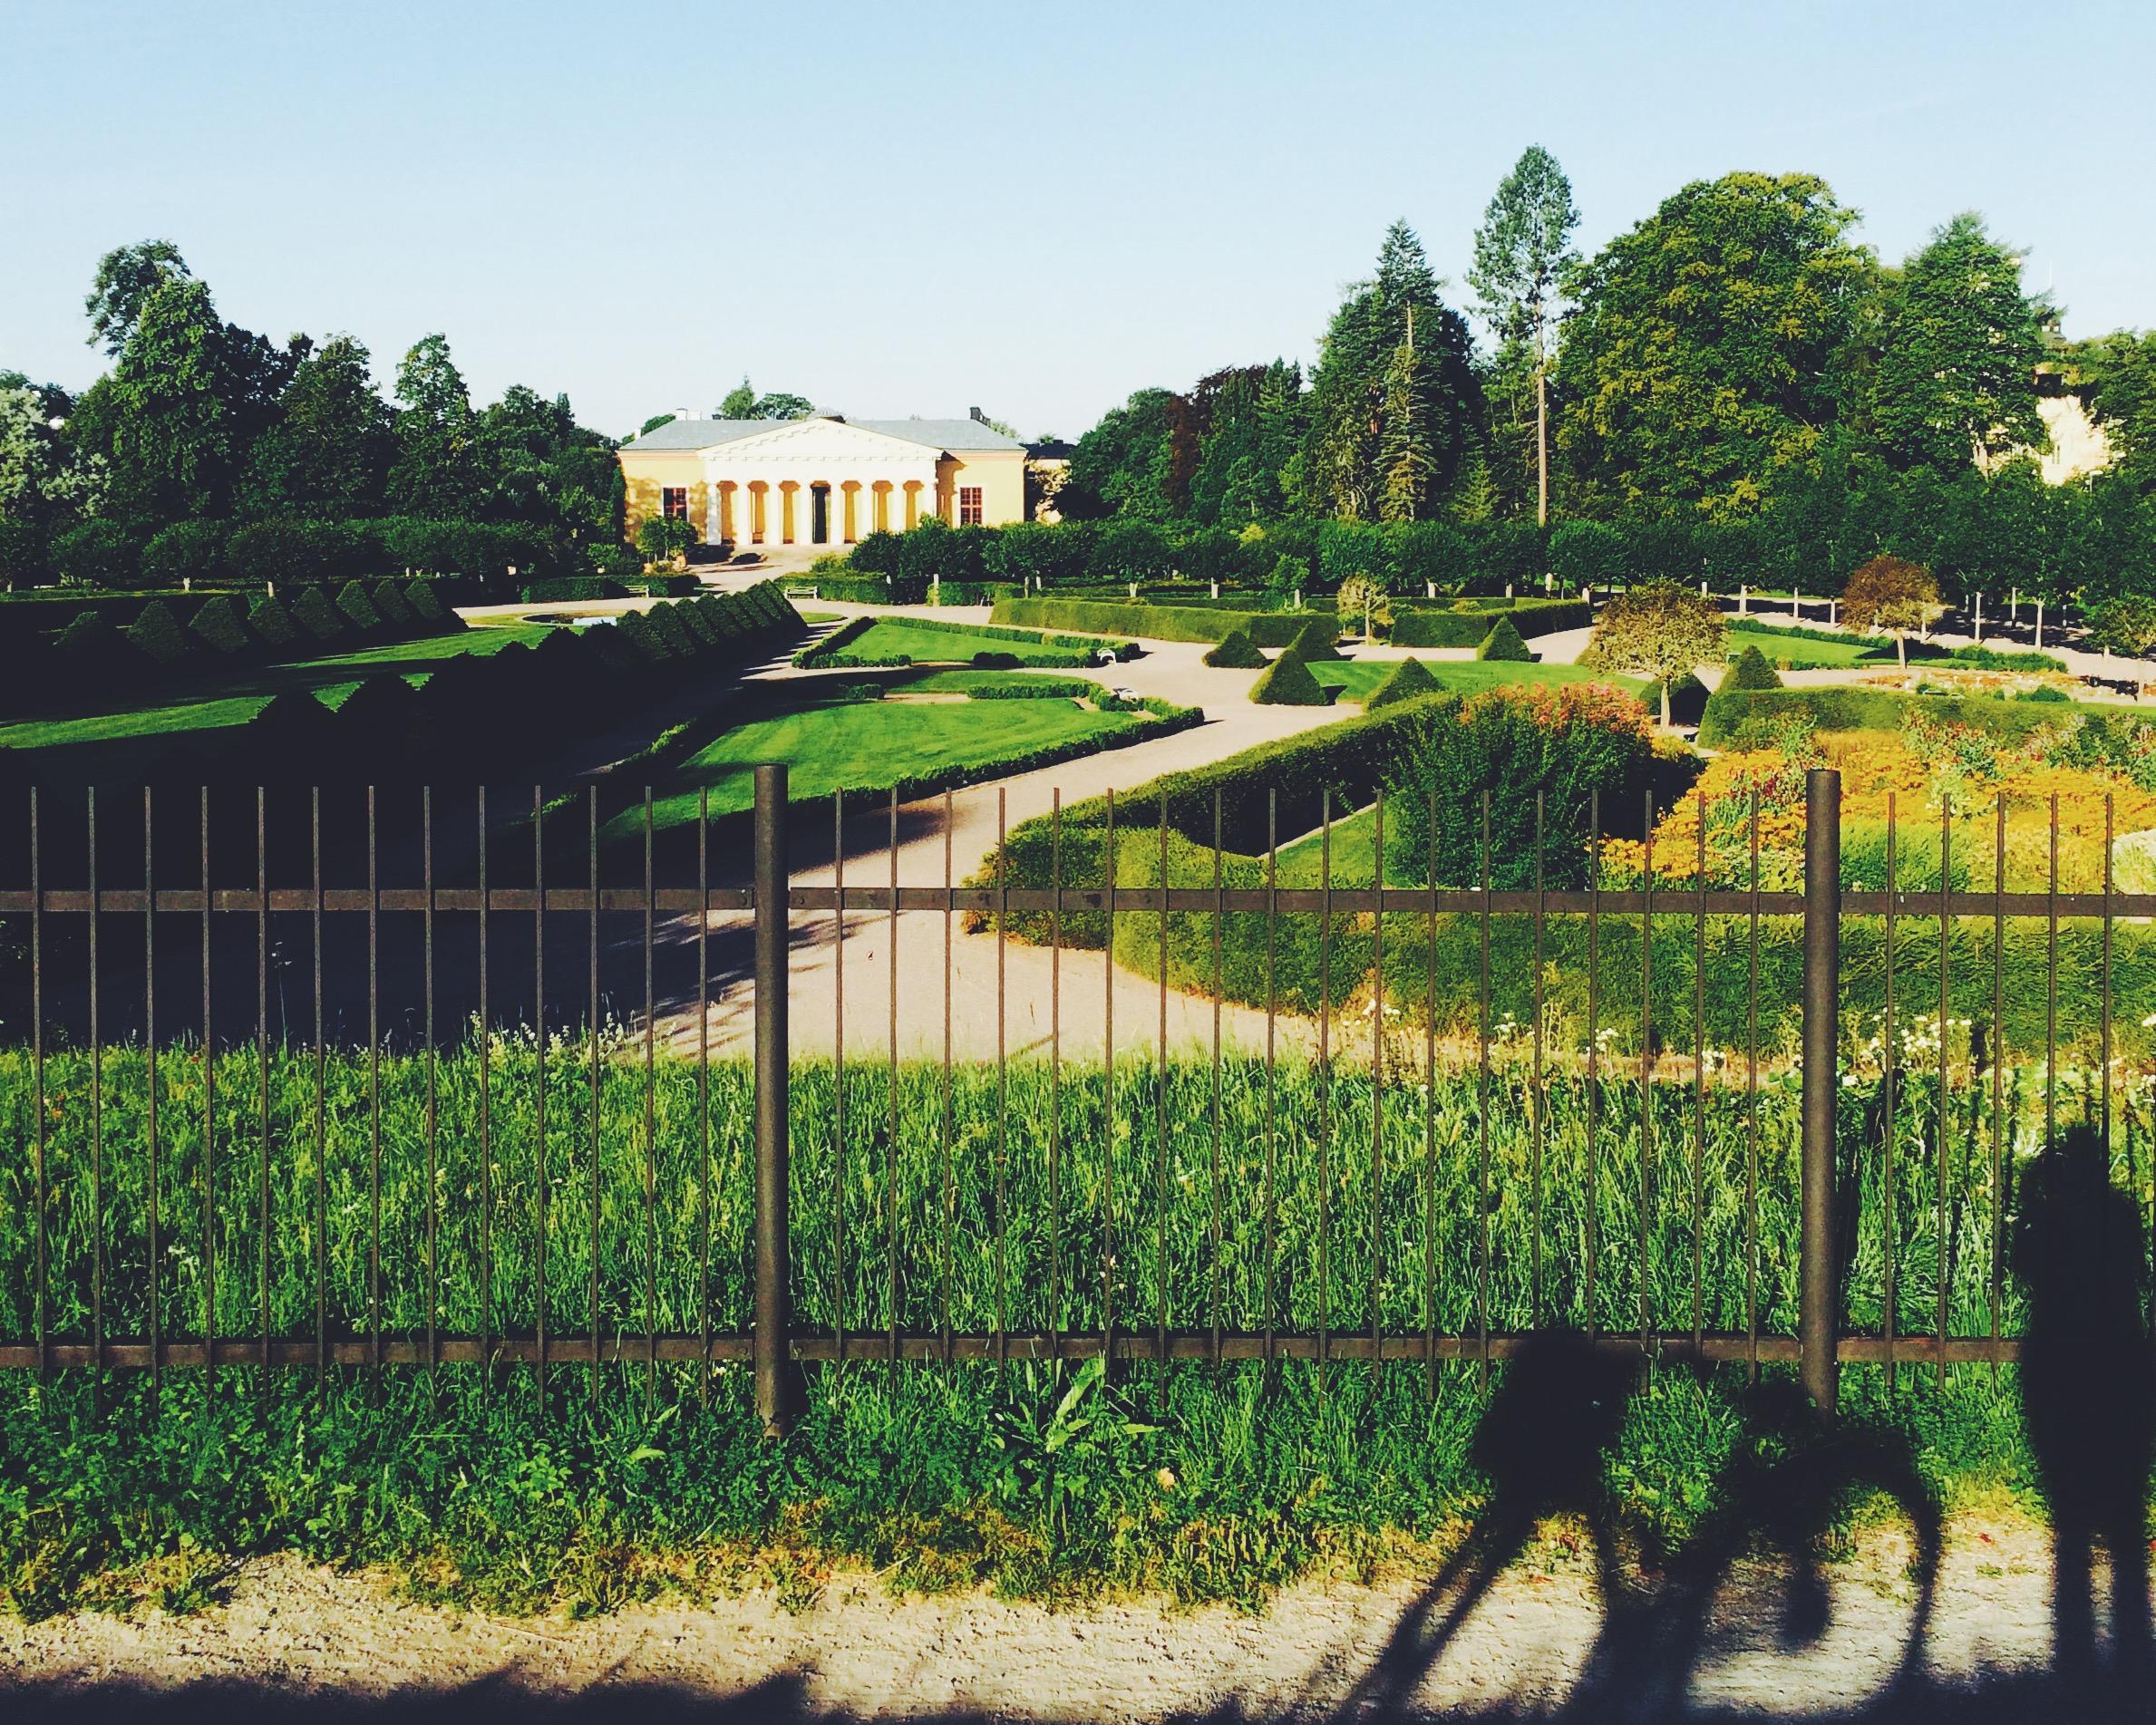 Botaniska trädgården yesterday morning